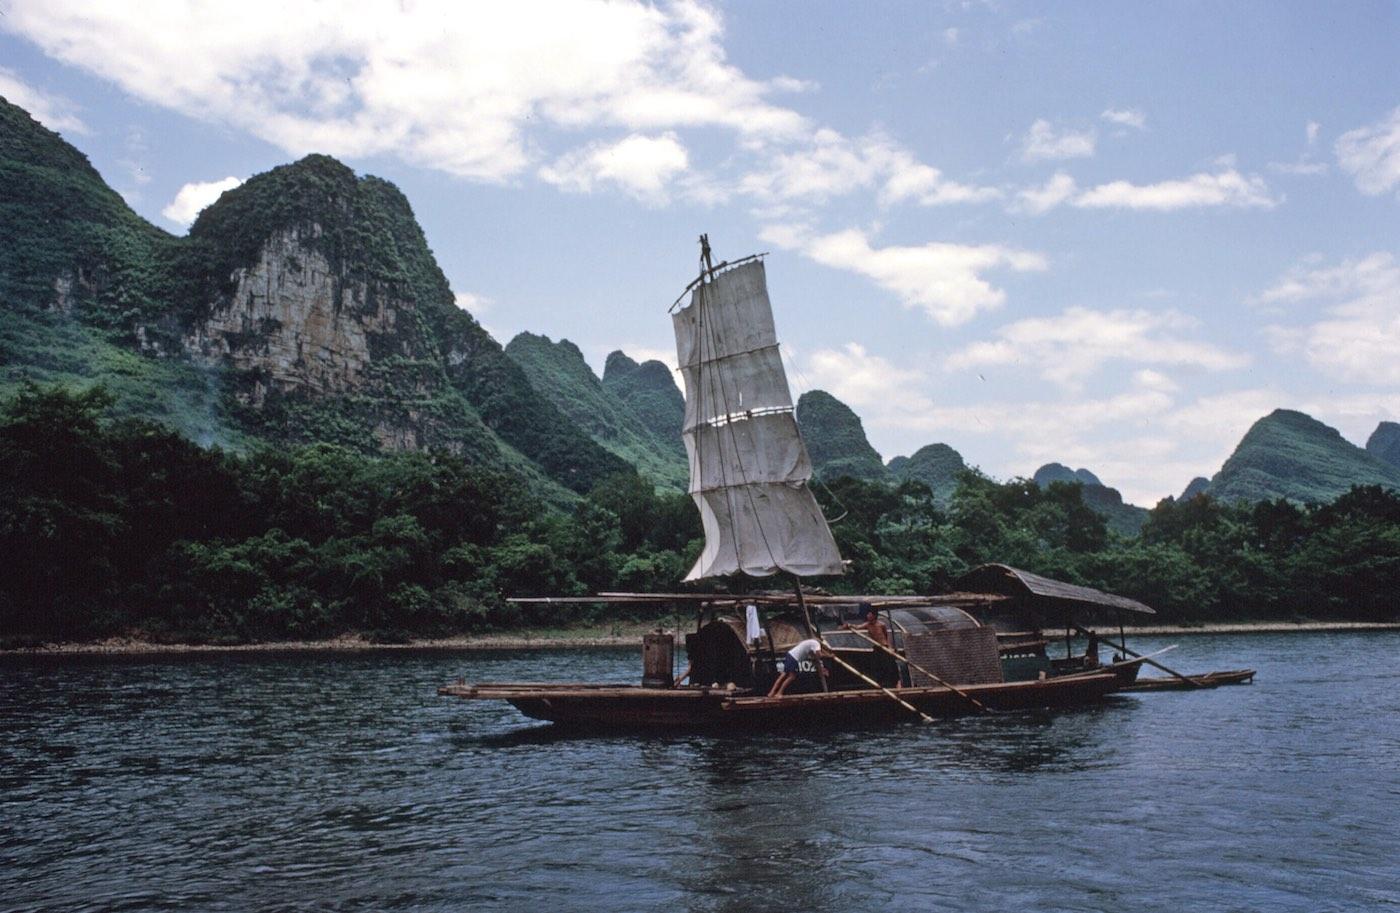 Sail boat on river, Guilin, China, 1982